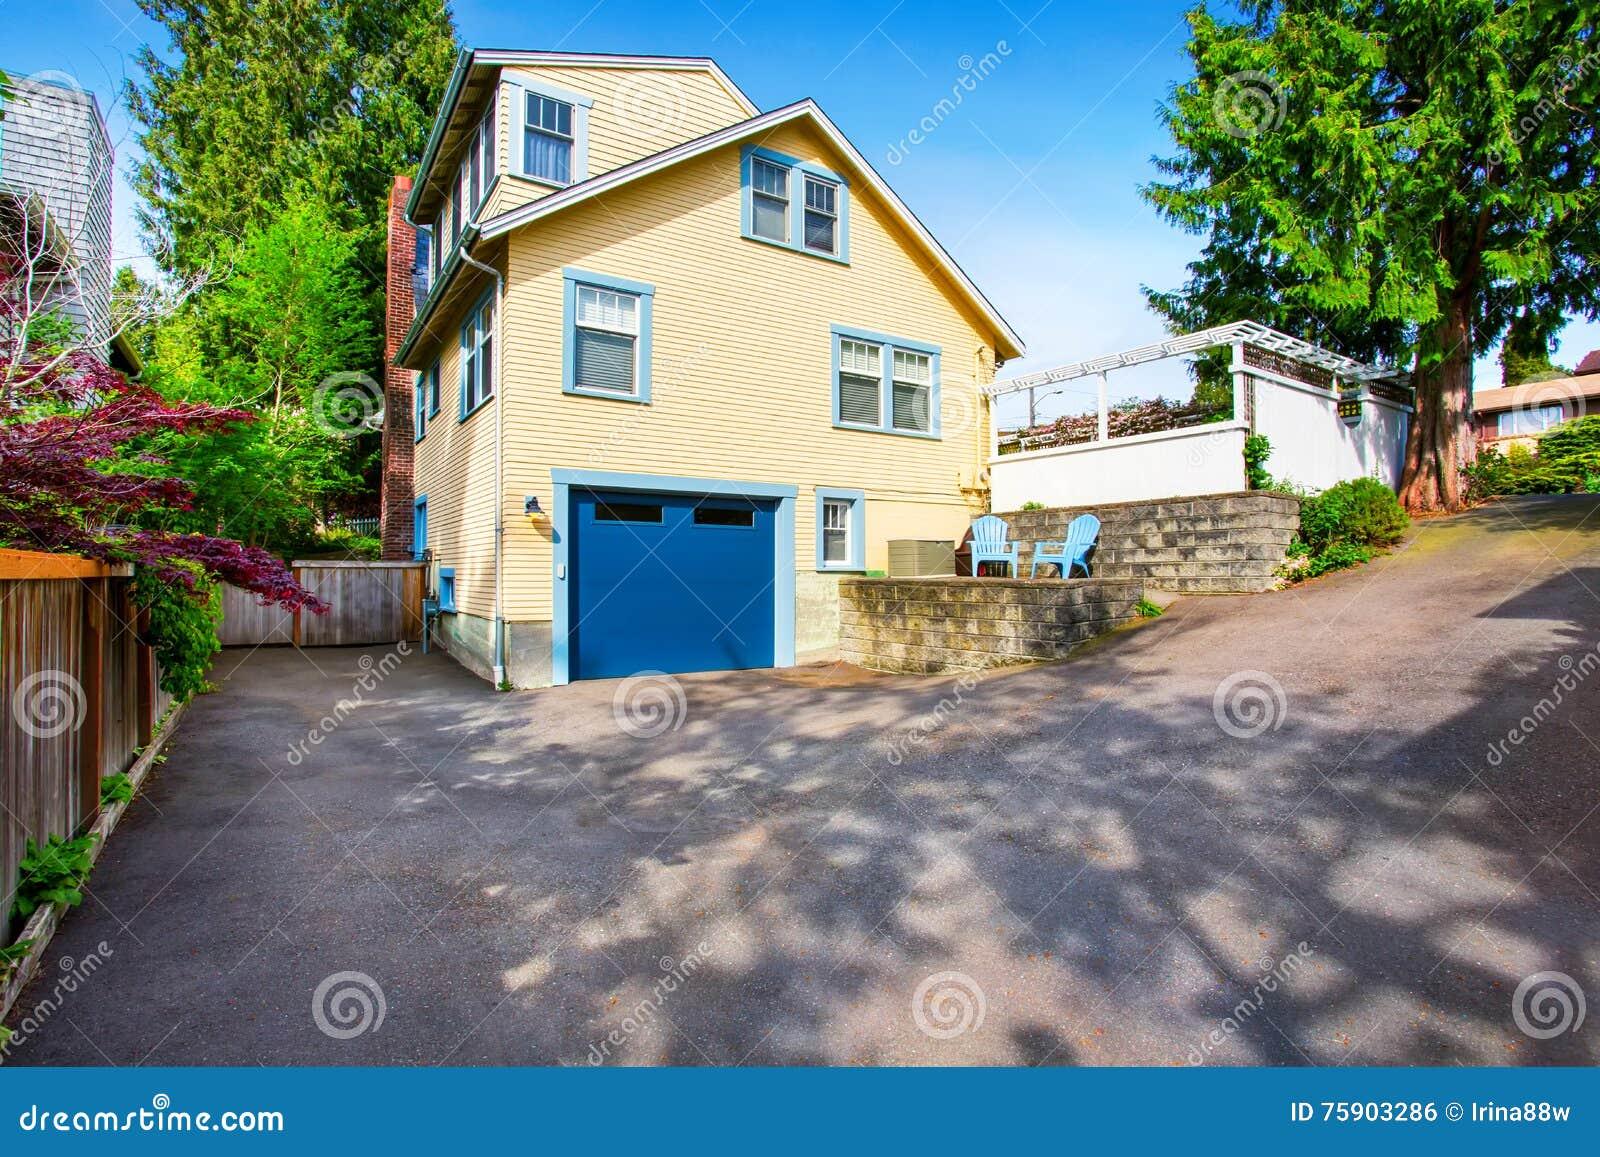 Exterior of yellow house with blue garage door and asphalt exterior of yellow house with blue garage door and asphalt driveway rubansaba